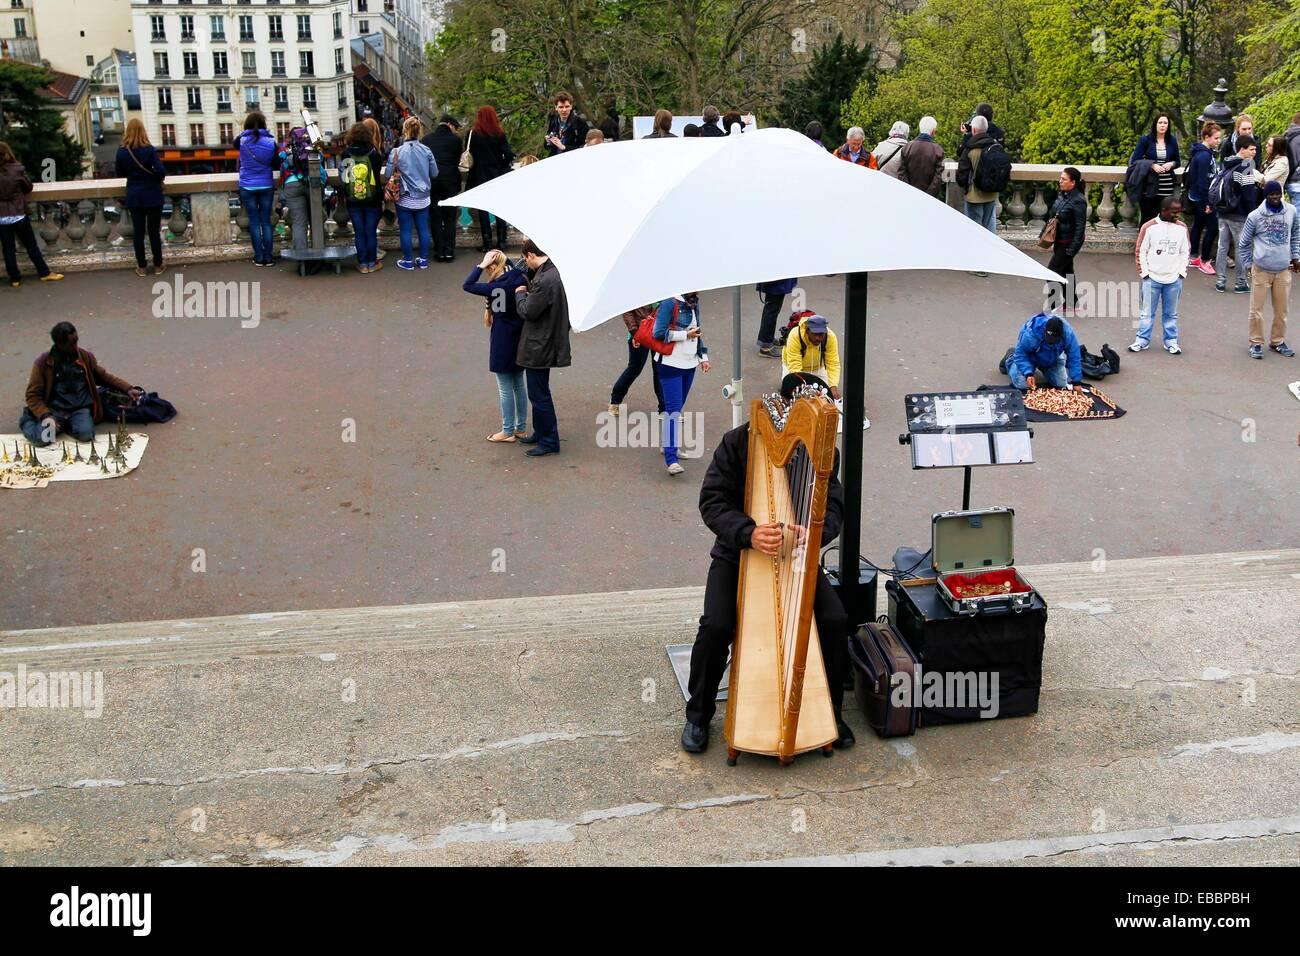 Street Performers including a Harpist Place du Parvis du Sacre Coeur Montmartre Area of Paris France. Stock Photo